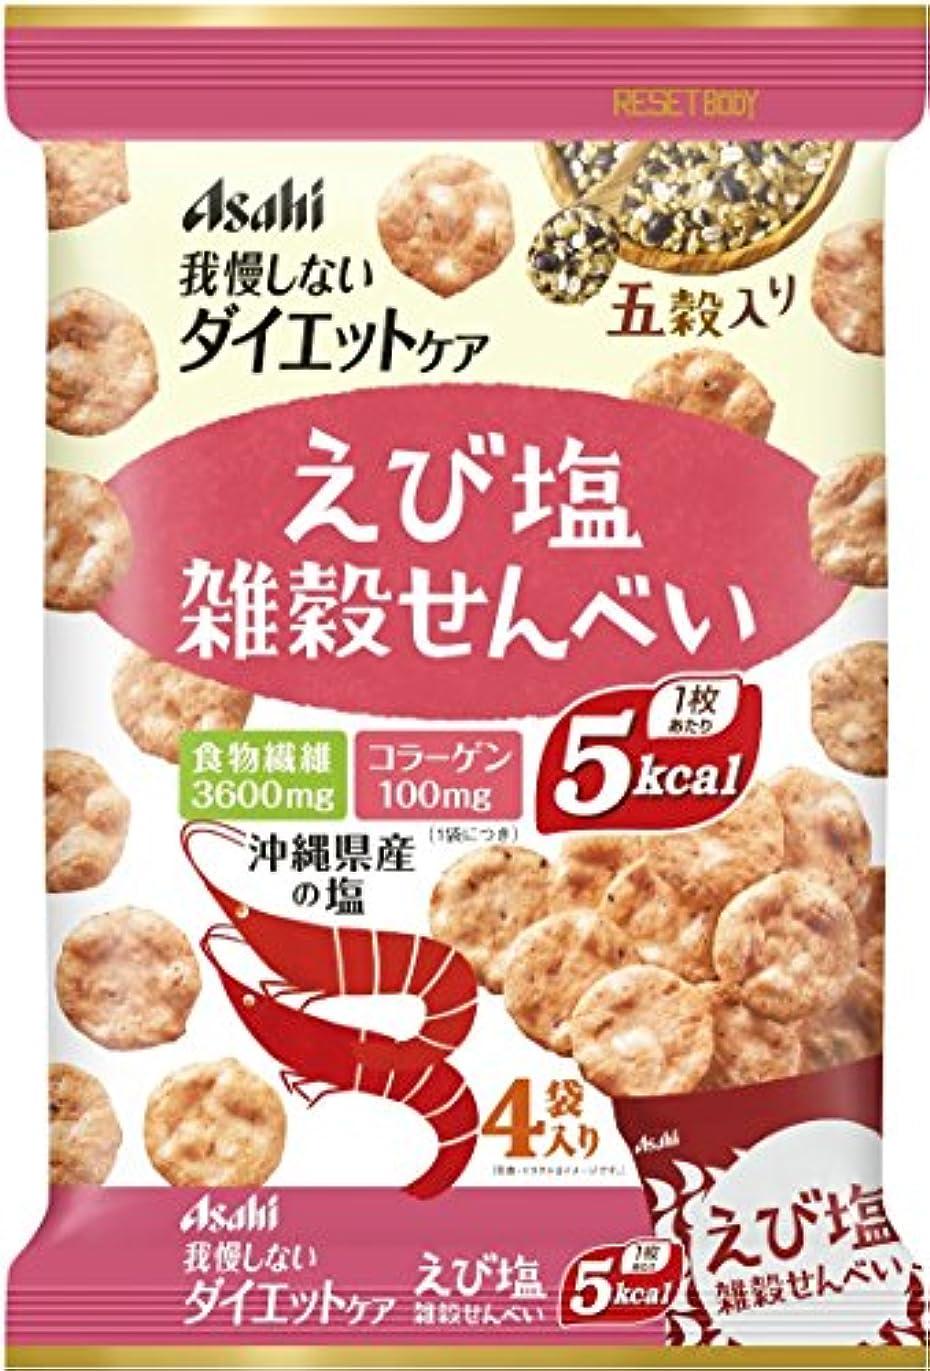 浅い描写地震リセットボディ 雑穀せんべい えび塩味 22g 4袋